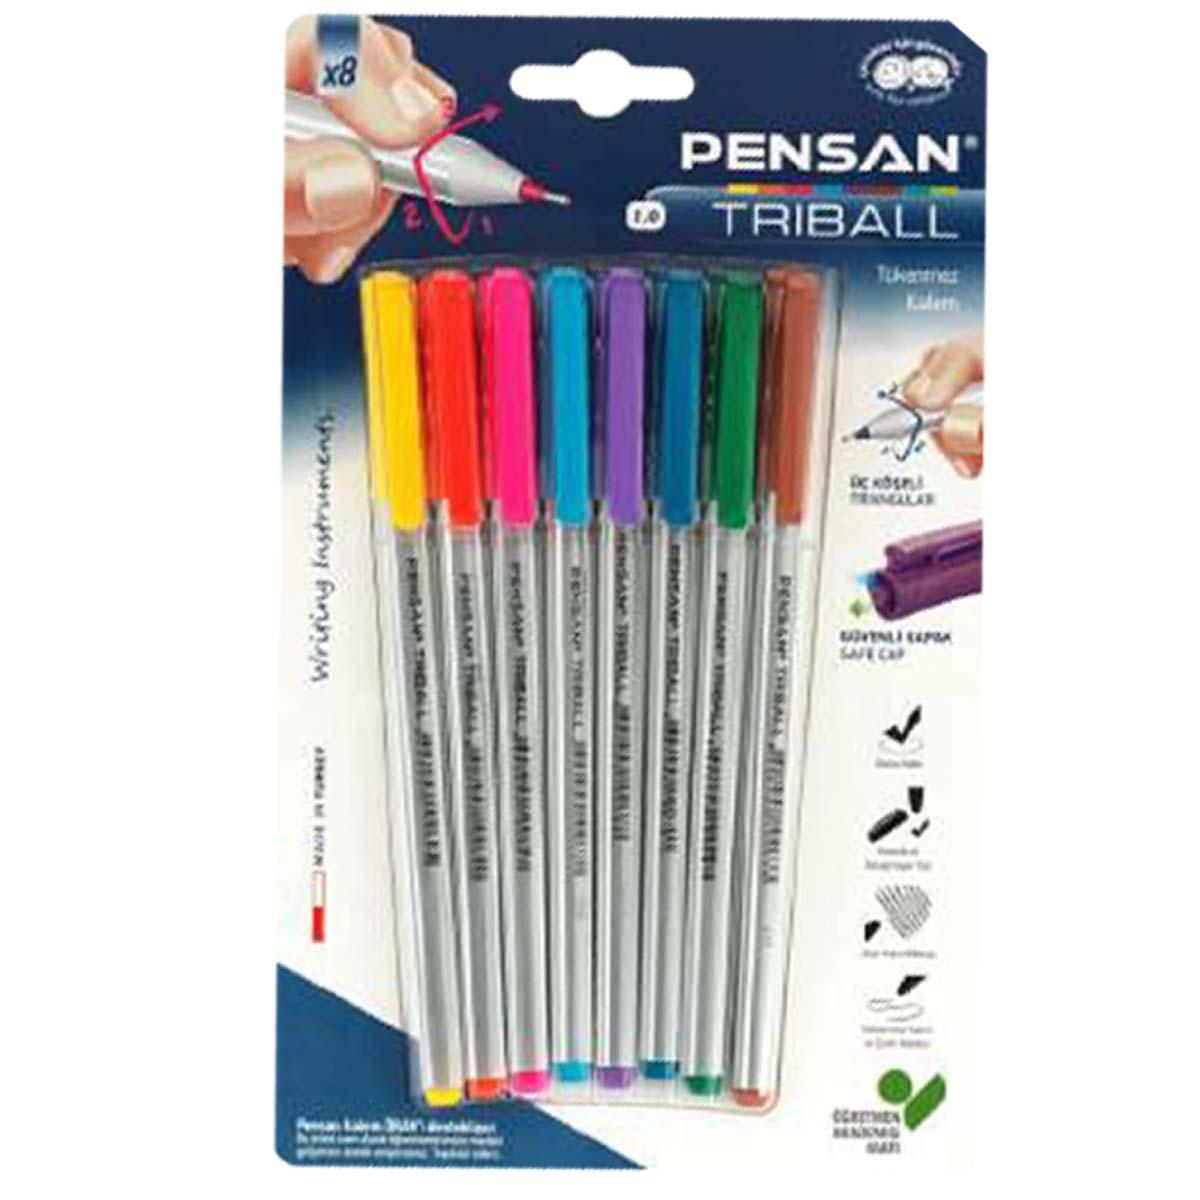 خودکار تریبال- ست 8 عددی خودکار رنگی بلیستری